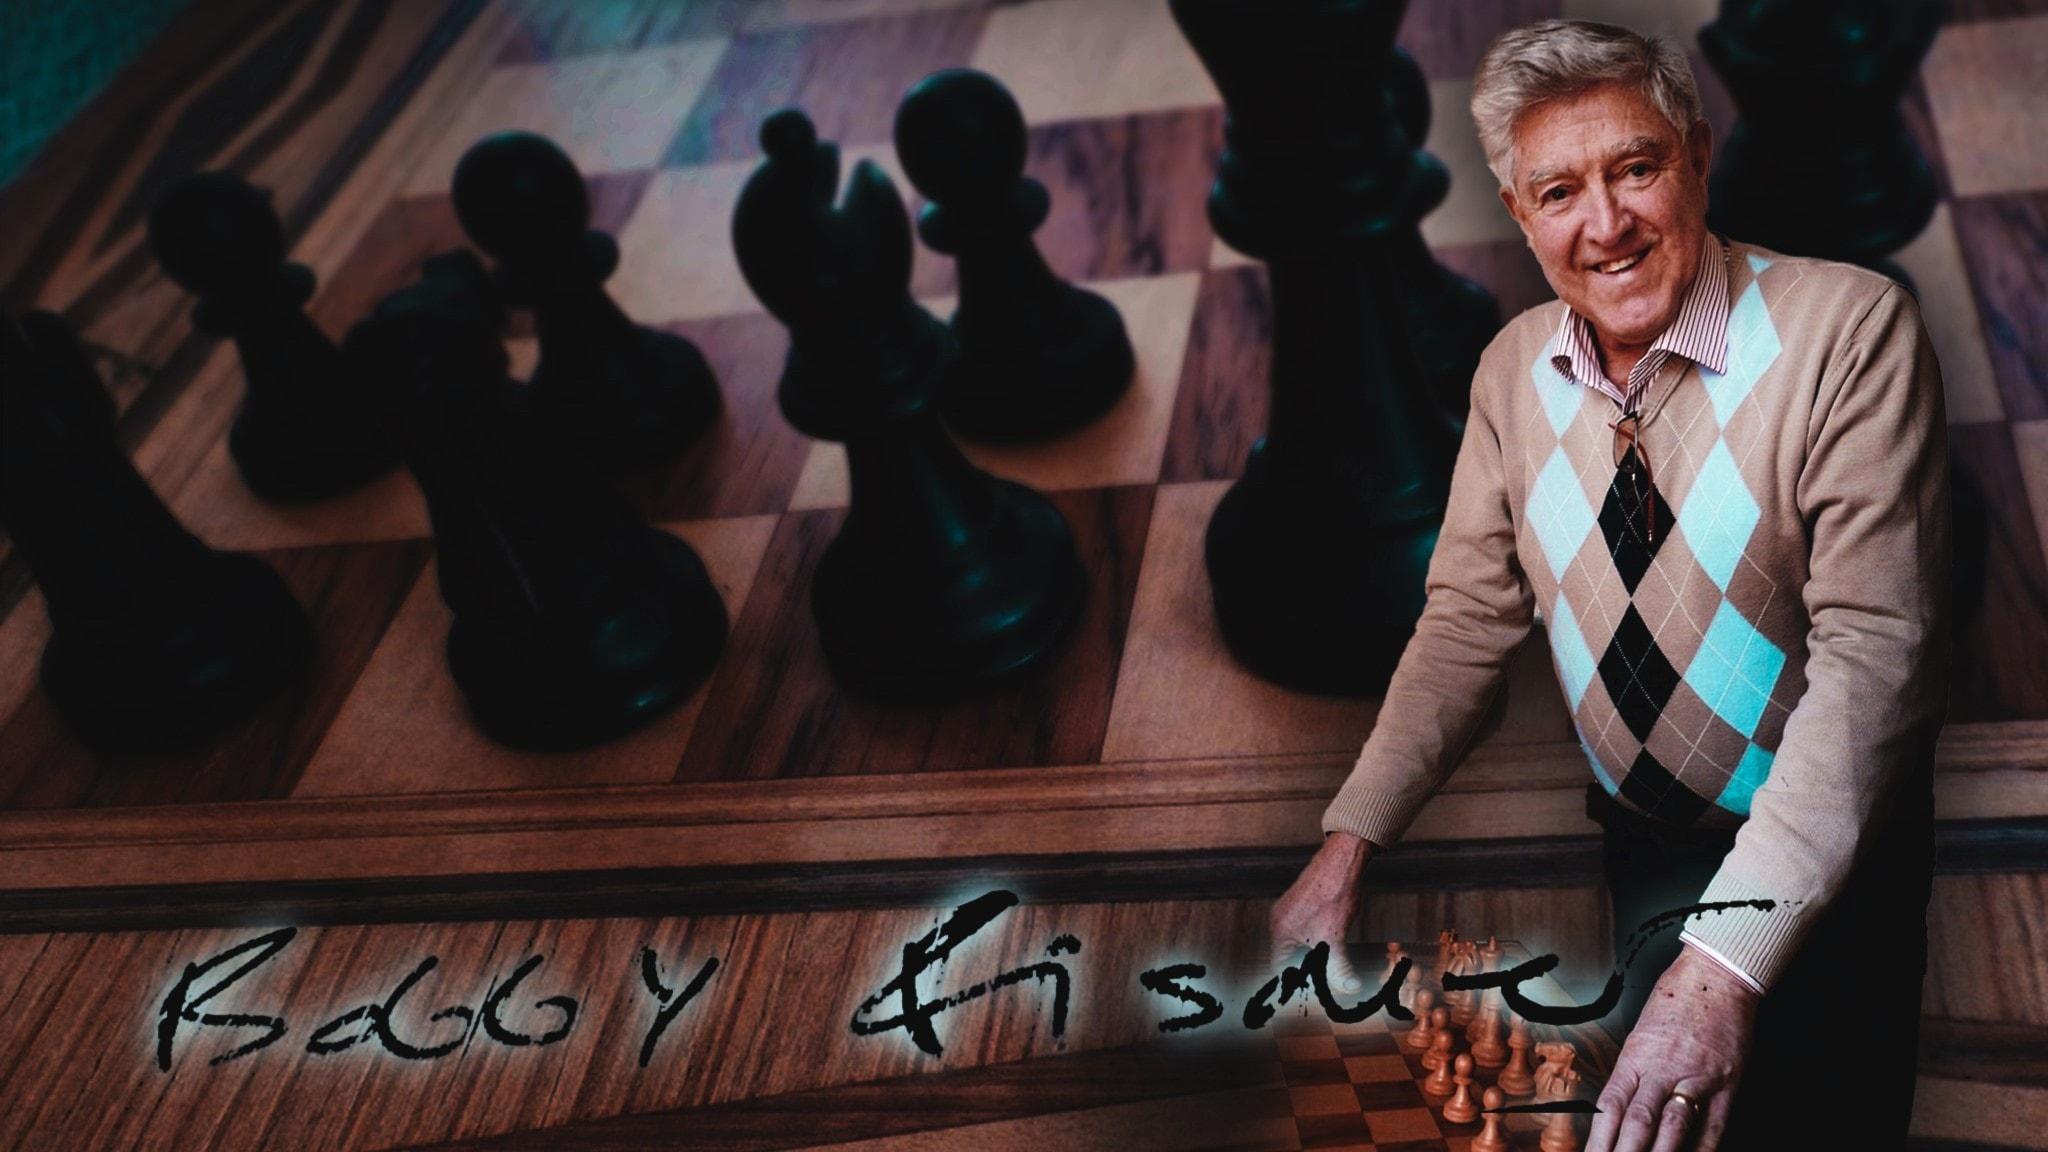 Sæmundur Pálsson vid Bobby Fischers signerade schackbräde.